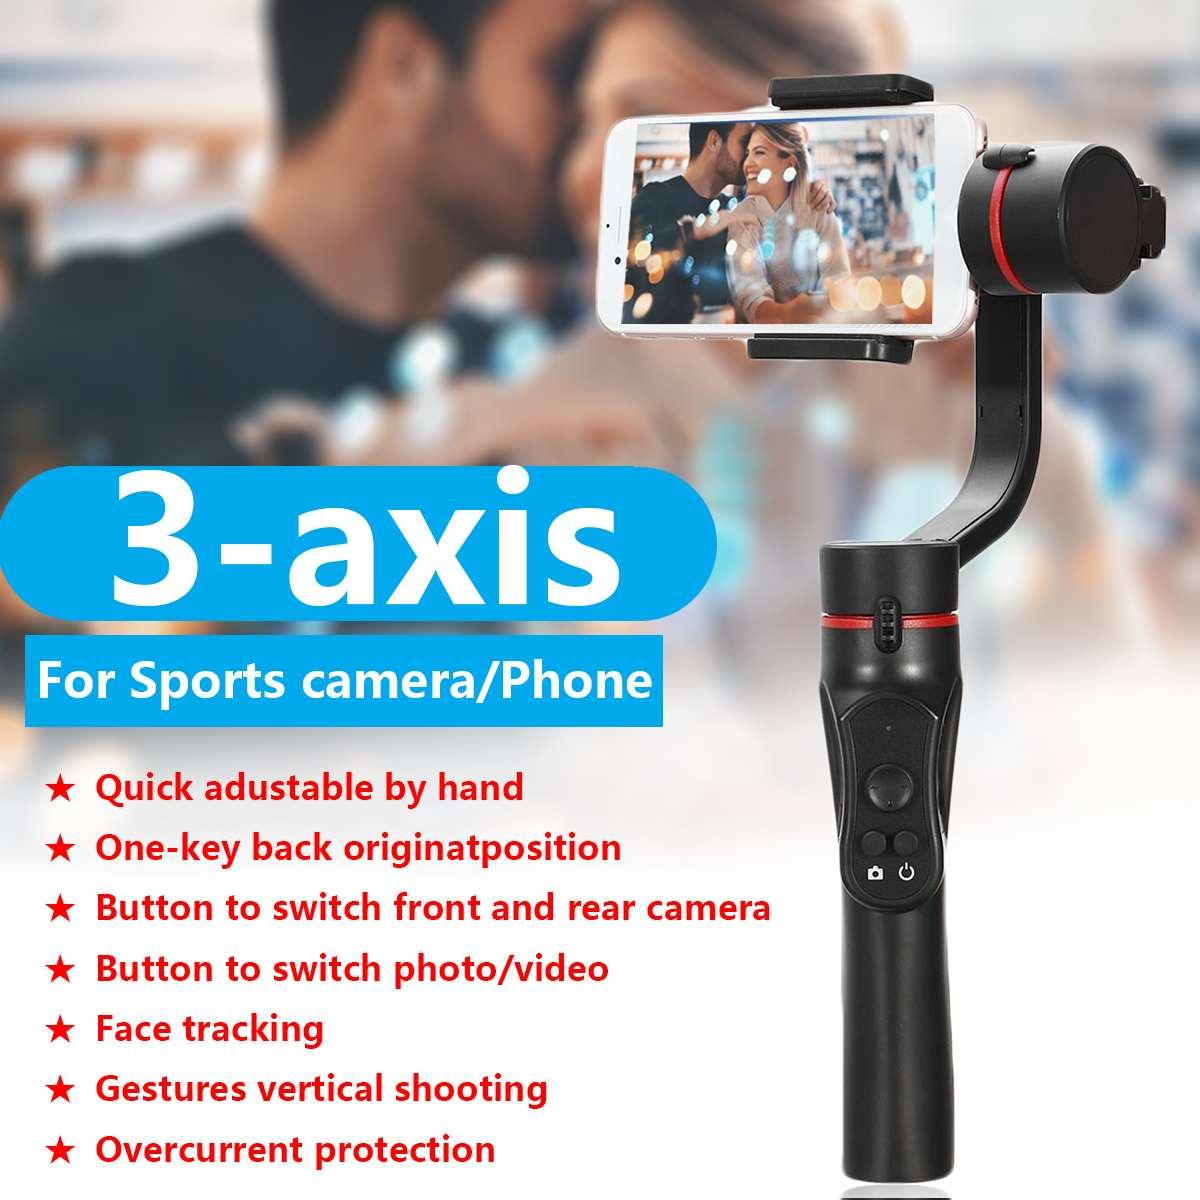 3 оси ручной Gimbal стабилизатор 360 градусов света Вес для телефона действие Камера видеоблоге черный 320x124x55mm широко Совместимость